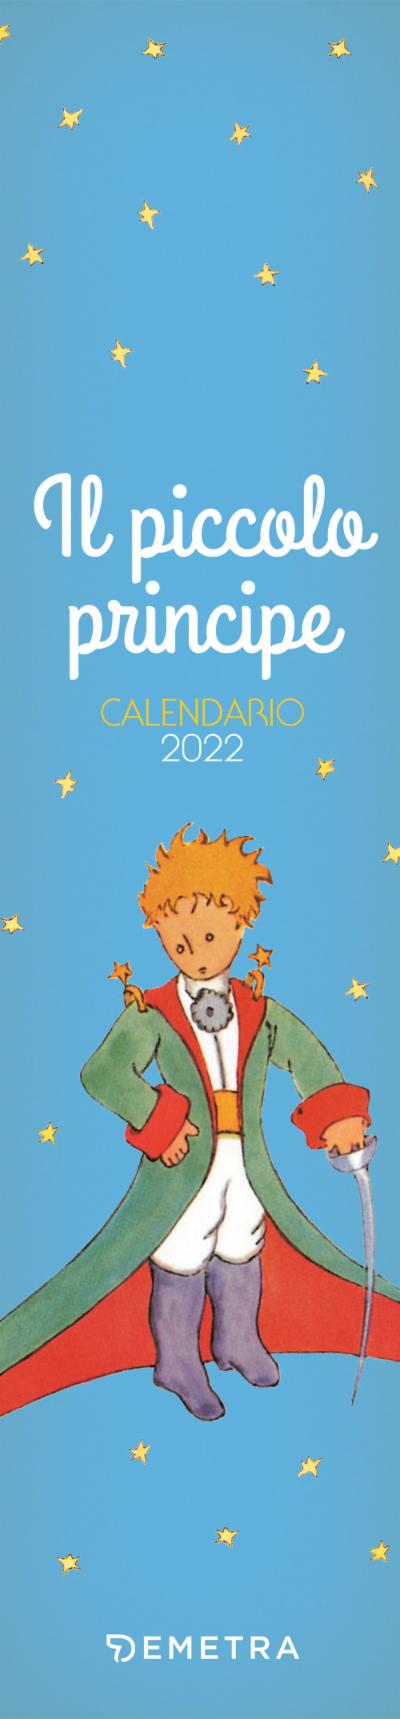 Calendario Piccolo Principe 2022